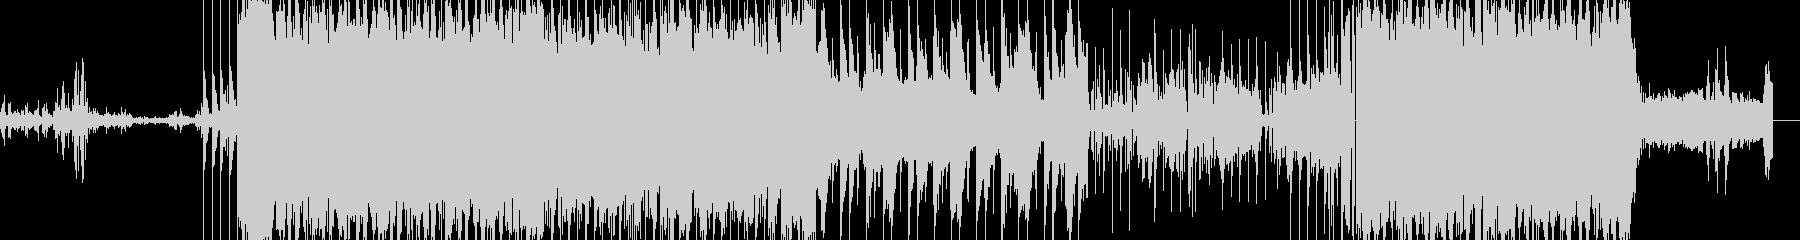 攻撃的なインダストリアルロックですの未再生の波形